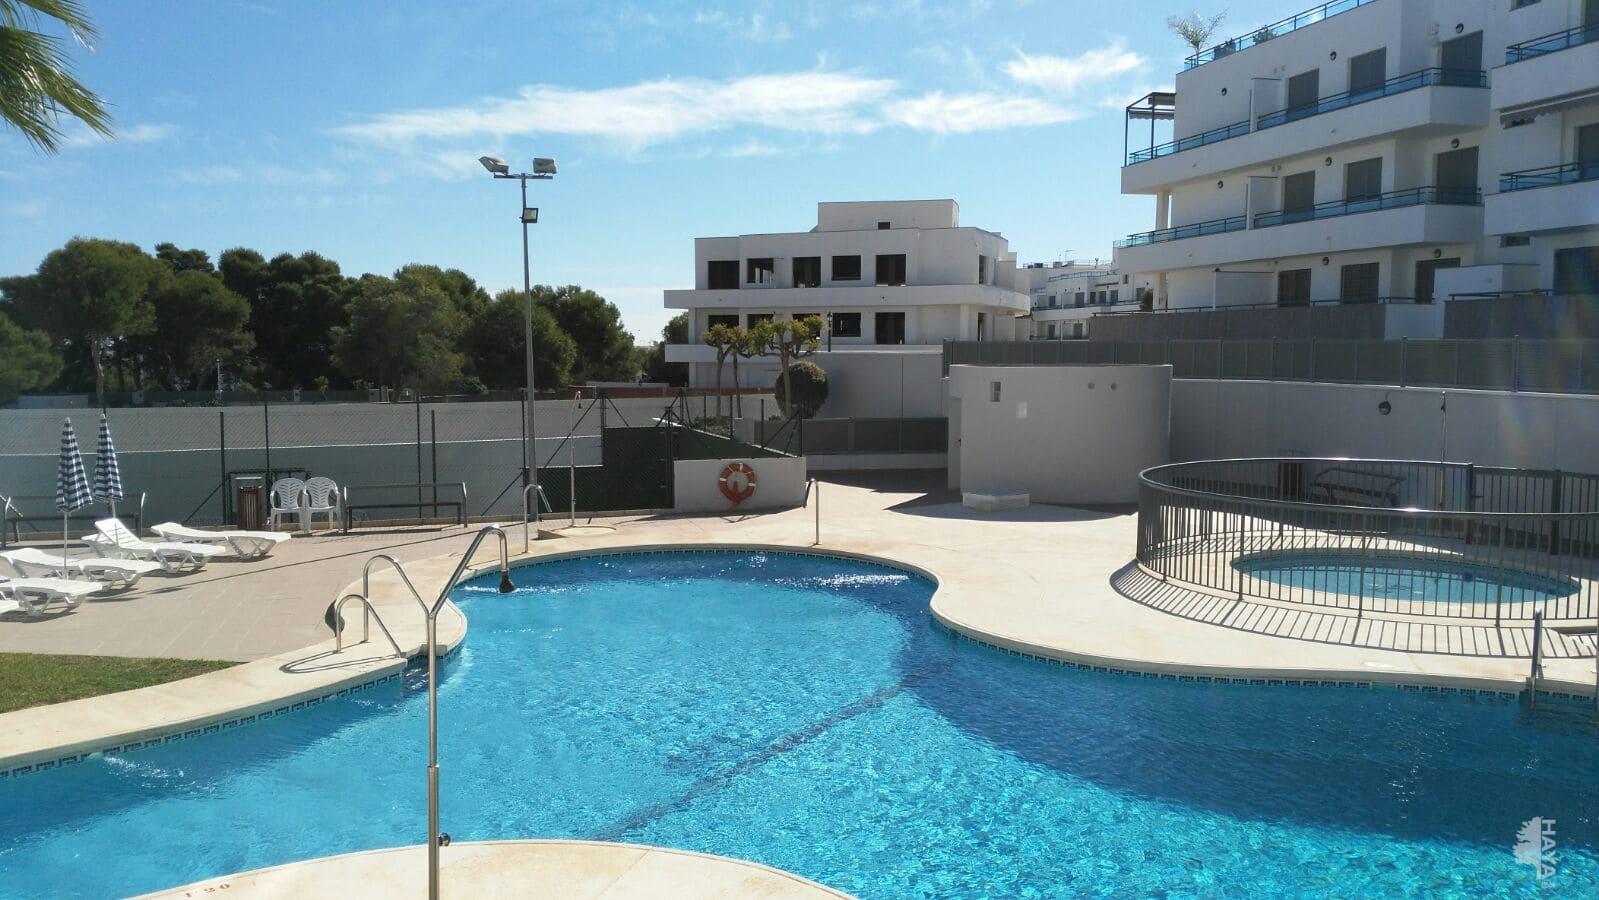 Piso en venta en Garrucha, Garrucha, Almería, Calle Murillo, 96.300 €, 2 habitaciones, 2 baños, 80 m2